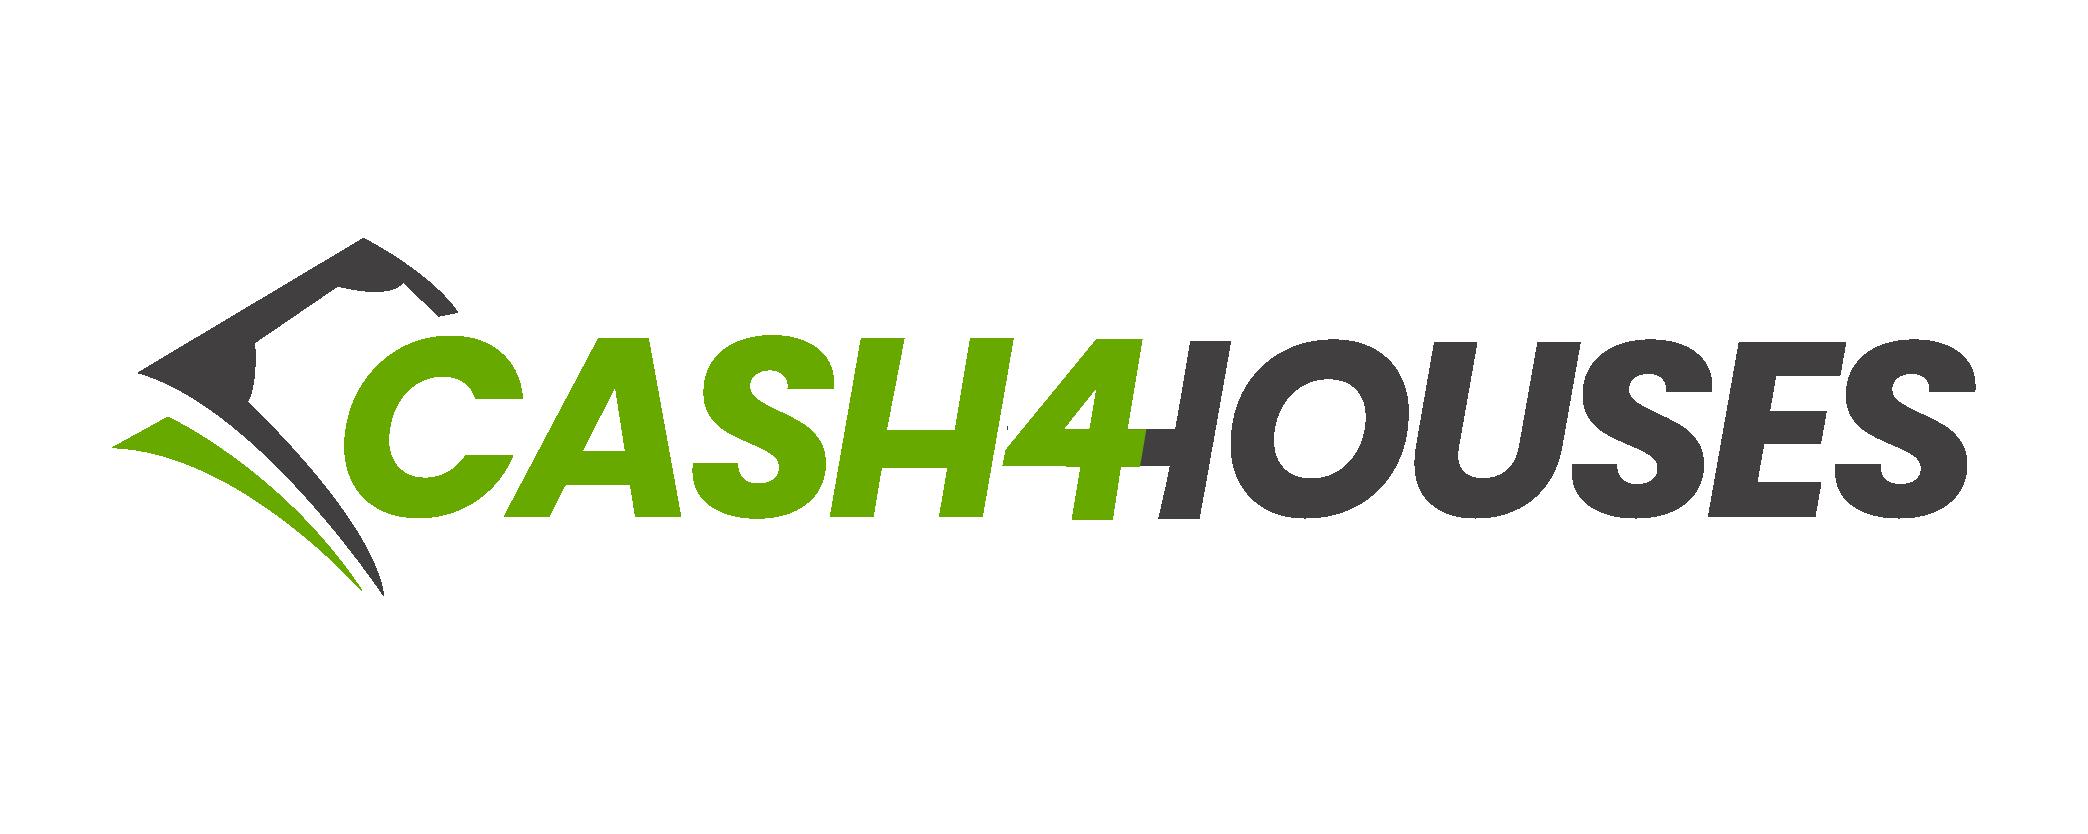 Cash 4 Houses Logo